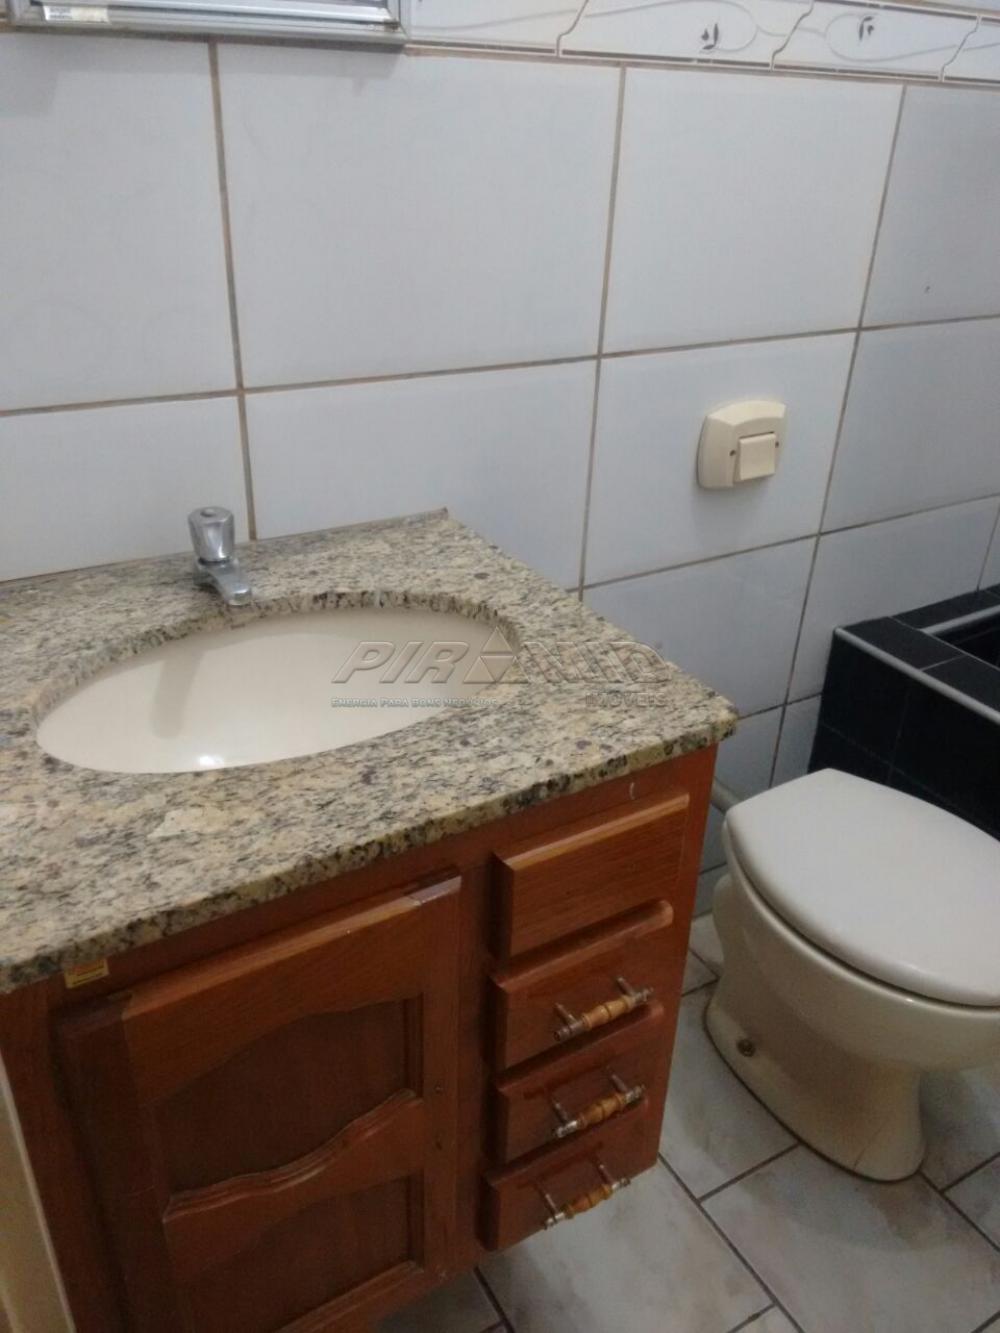 Comprar Casa / Padrão em Ribeirão Preto apenas R$ 210.000,00 - Foto 8